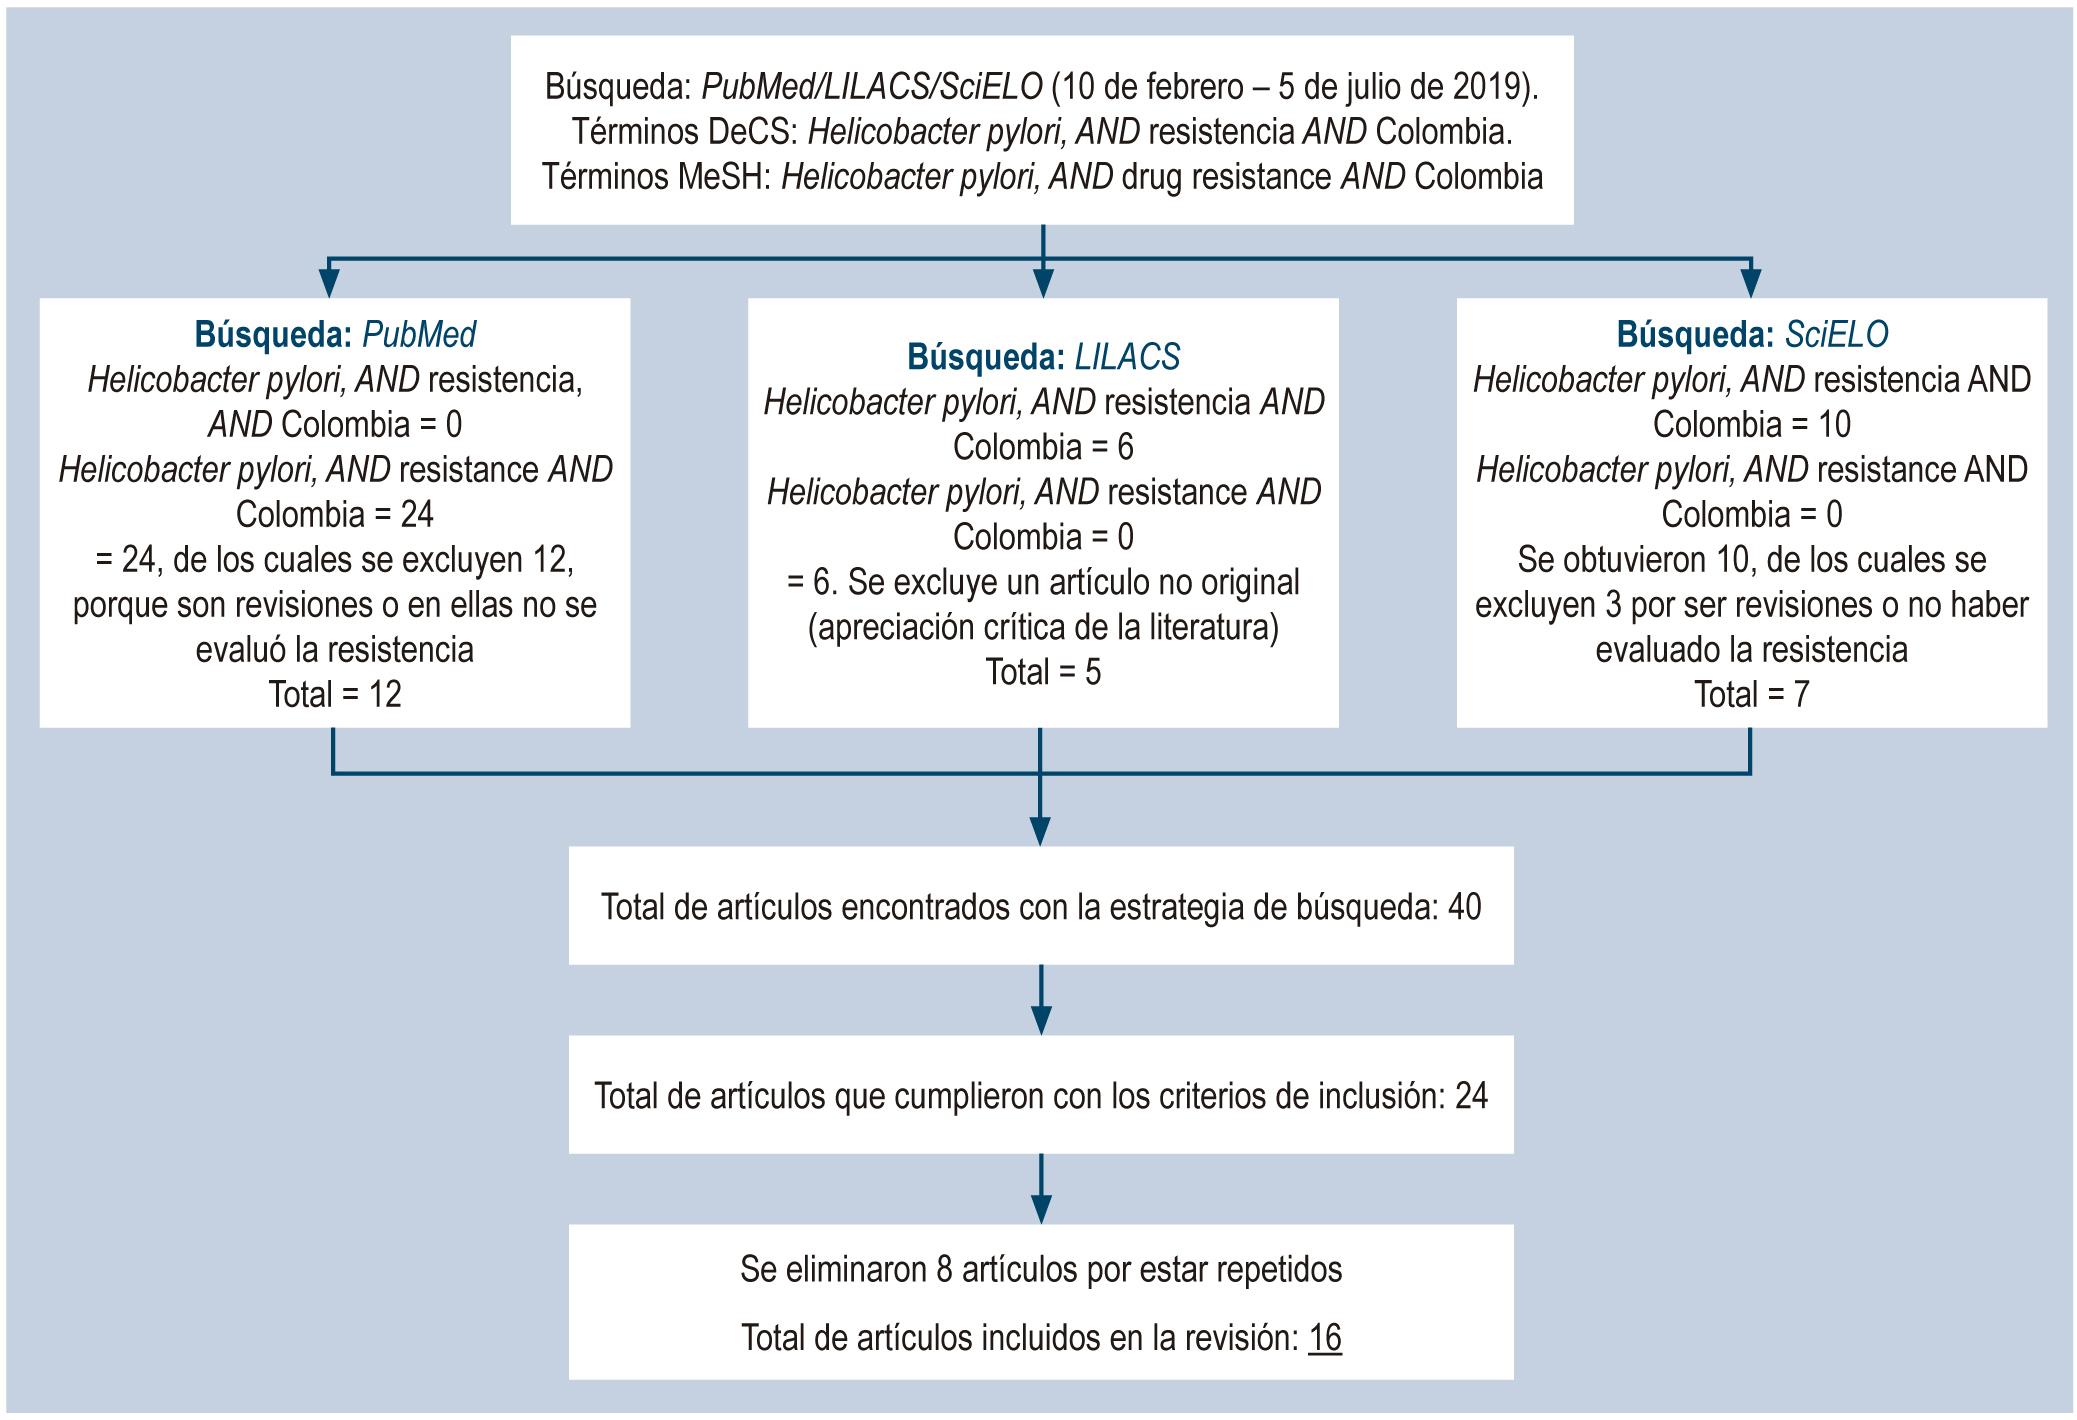 Figura 1. Esquema general de la estrategia de revisión sobre la resistencia de Helicobacter pylori a los antimicrobianos en Colombia. DeCS: descriptores en ciencias de la salud; MeSH: encabezados de temas médicos (Medical Subject Headings).